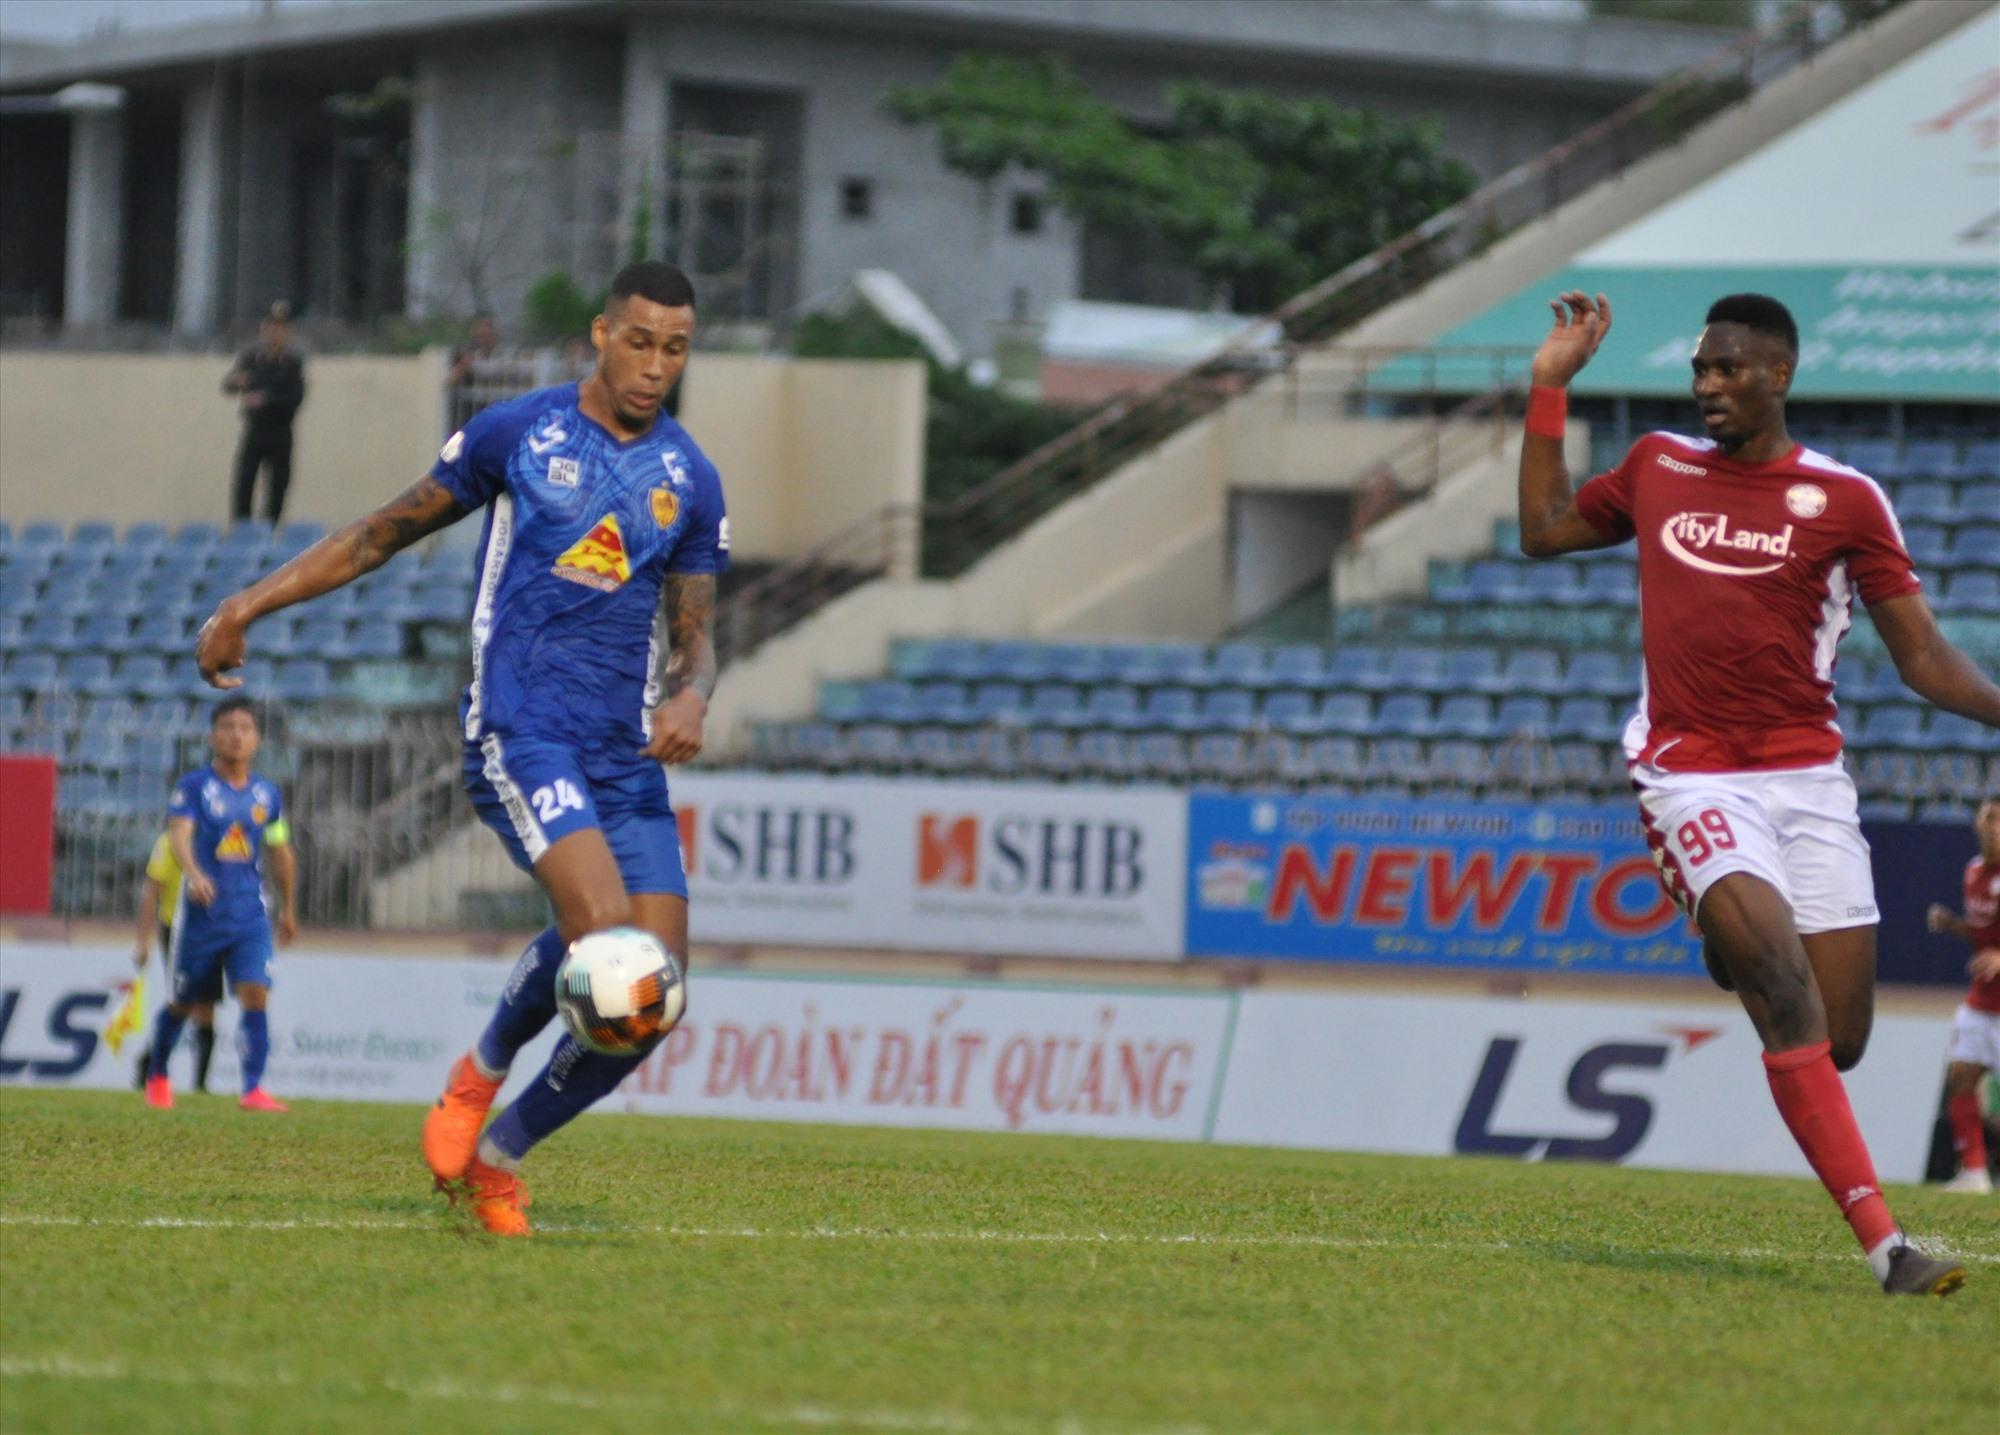 Đã có bàn thắng đầu tiên trong màu Quảng Nam, trung vệ Lucas (trái) sẽ tự tin hơn trong các pha tham gia tấn công. Ảnh: A.S